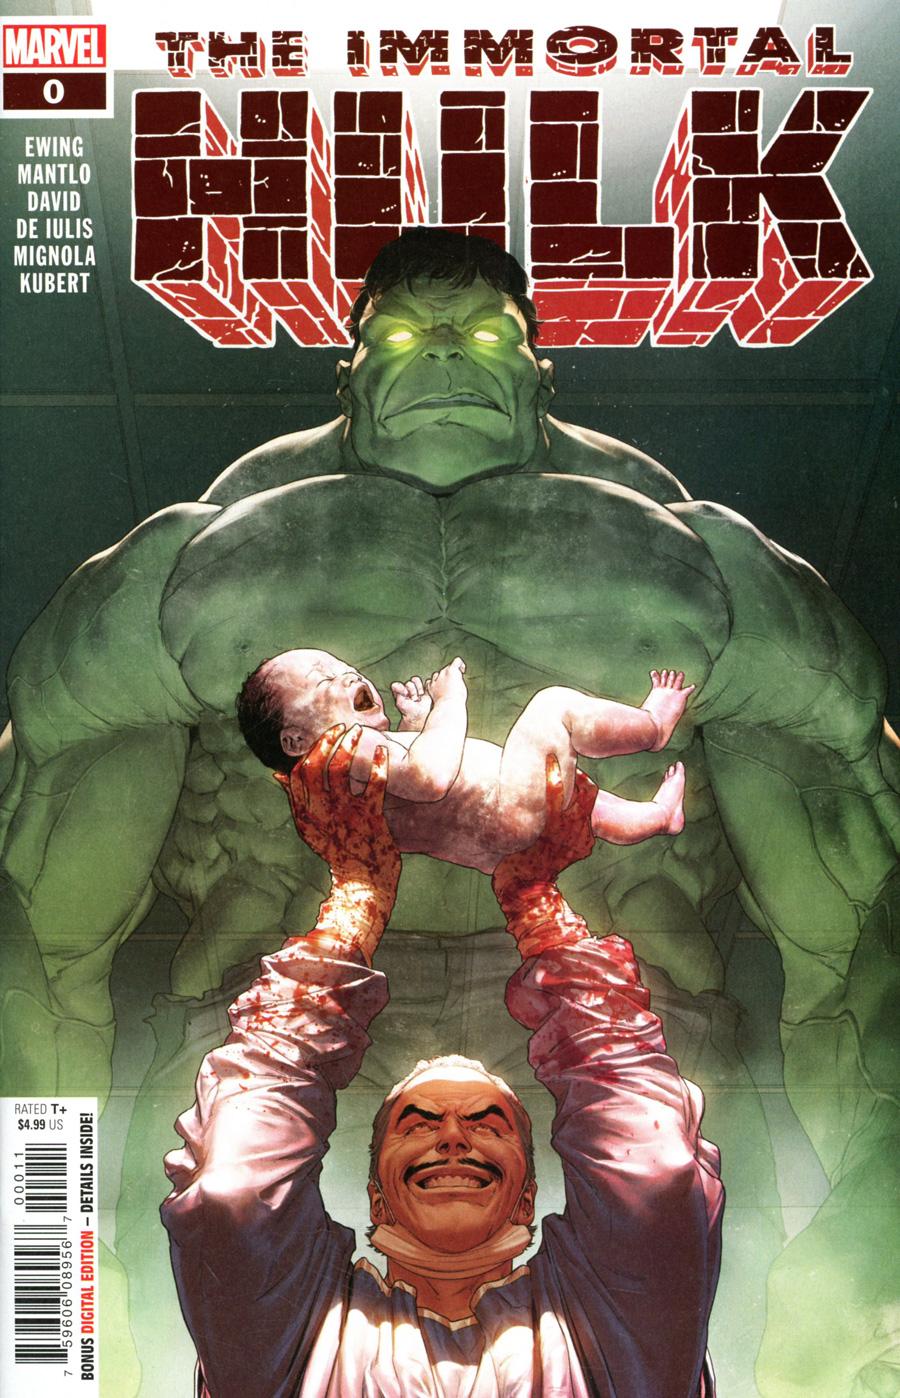 Immortal Hulk #0 Cover A Regular Mattia De Iulis Cover